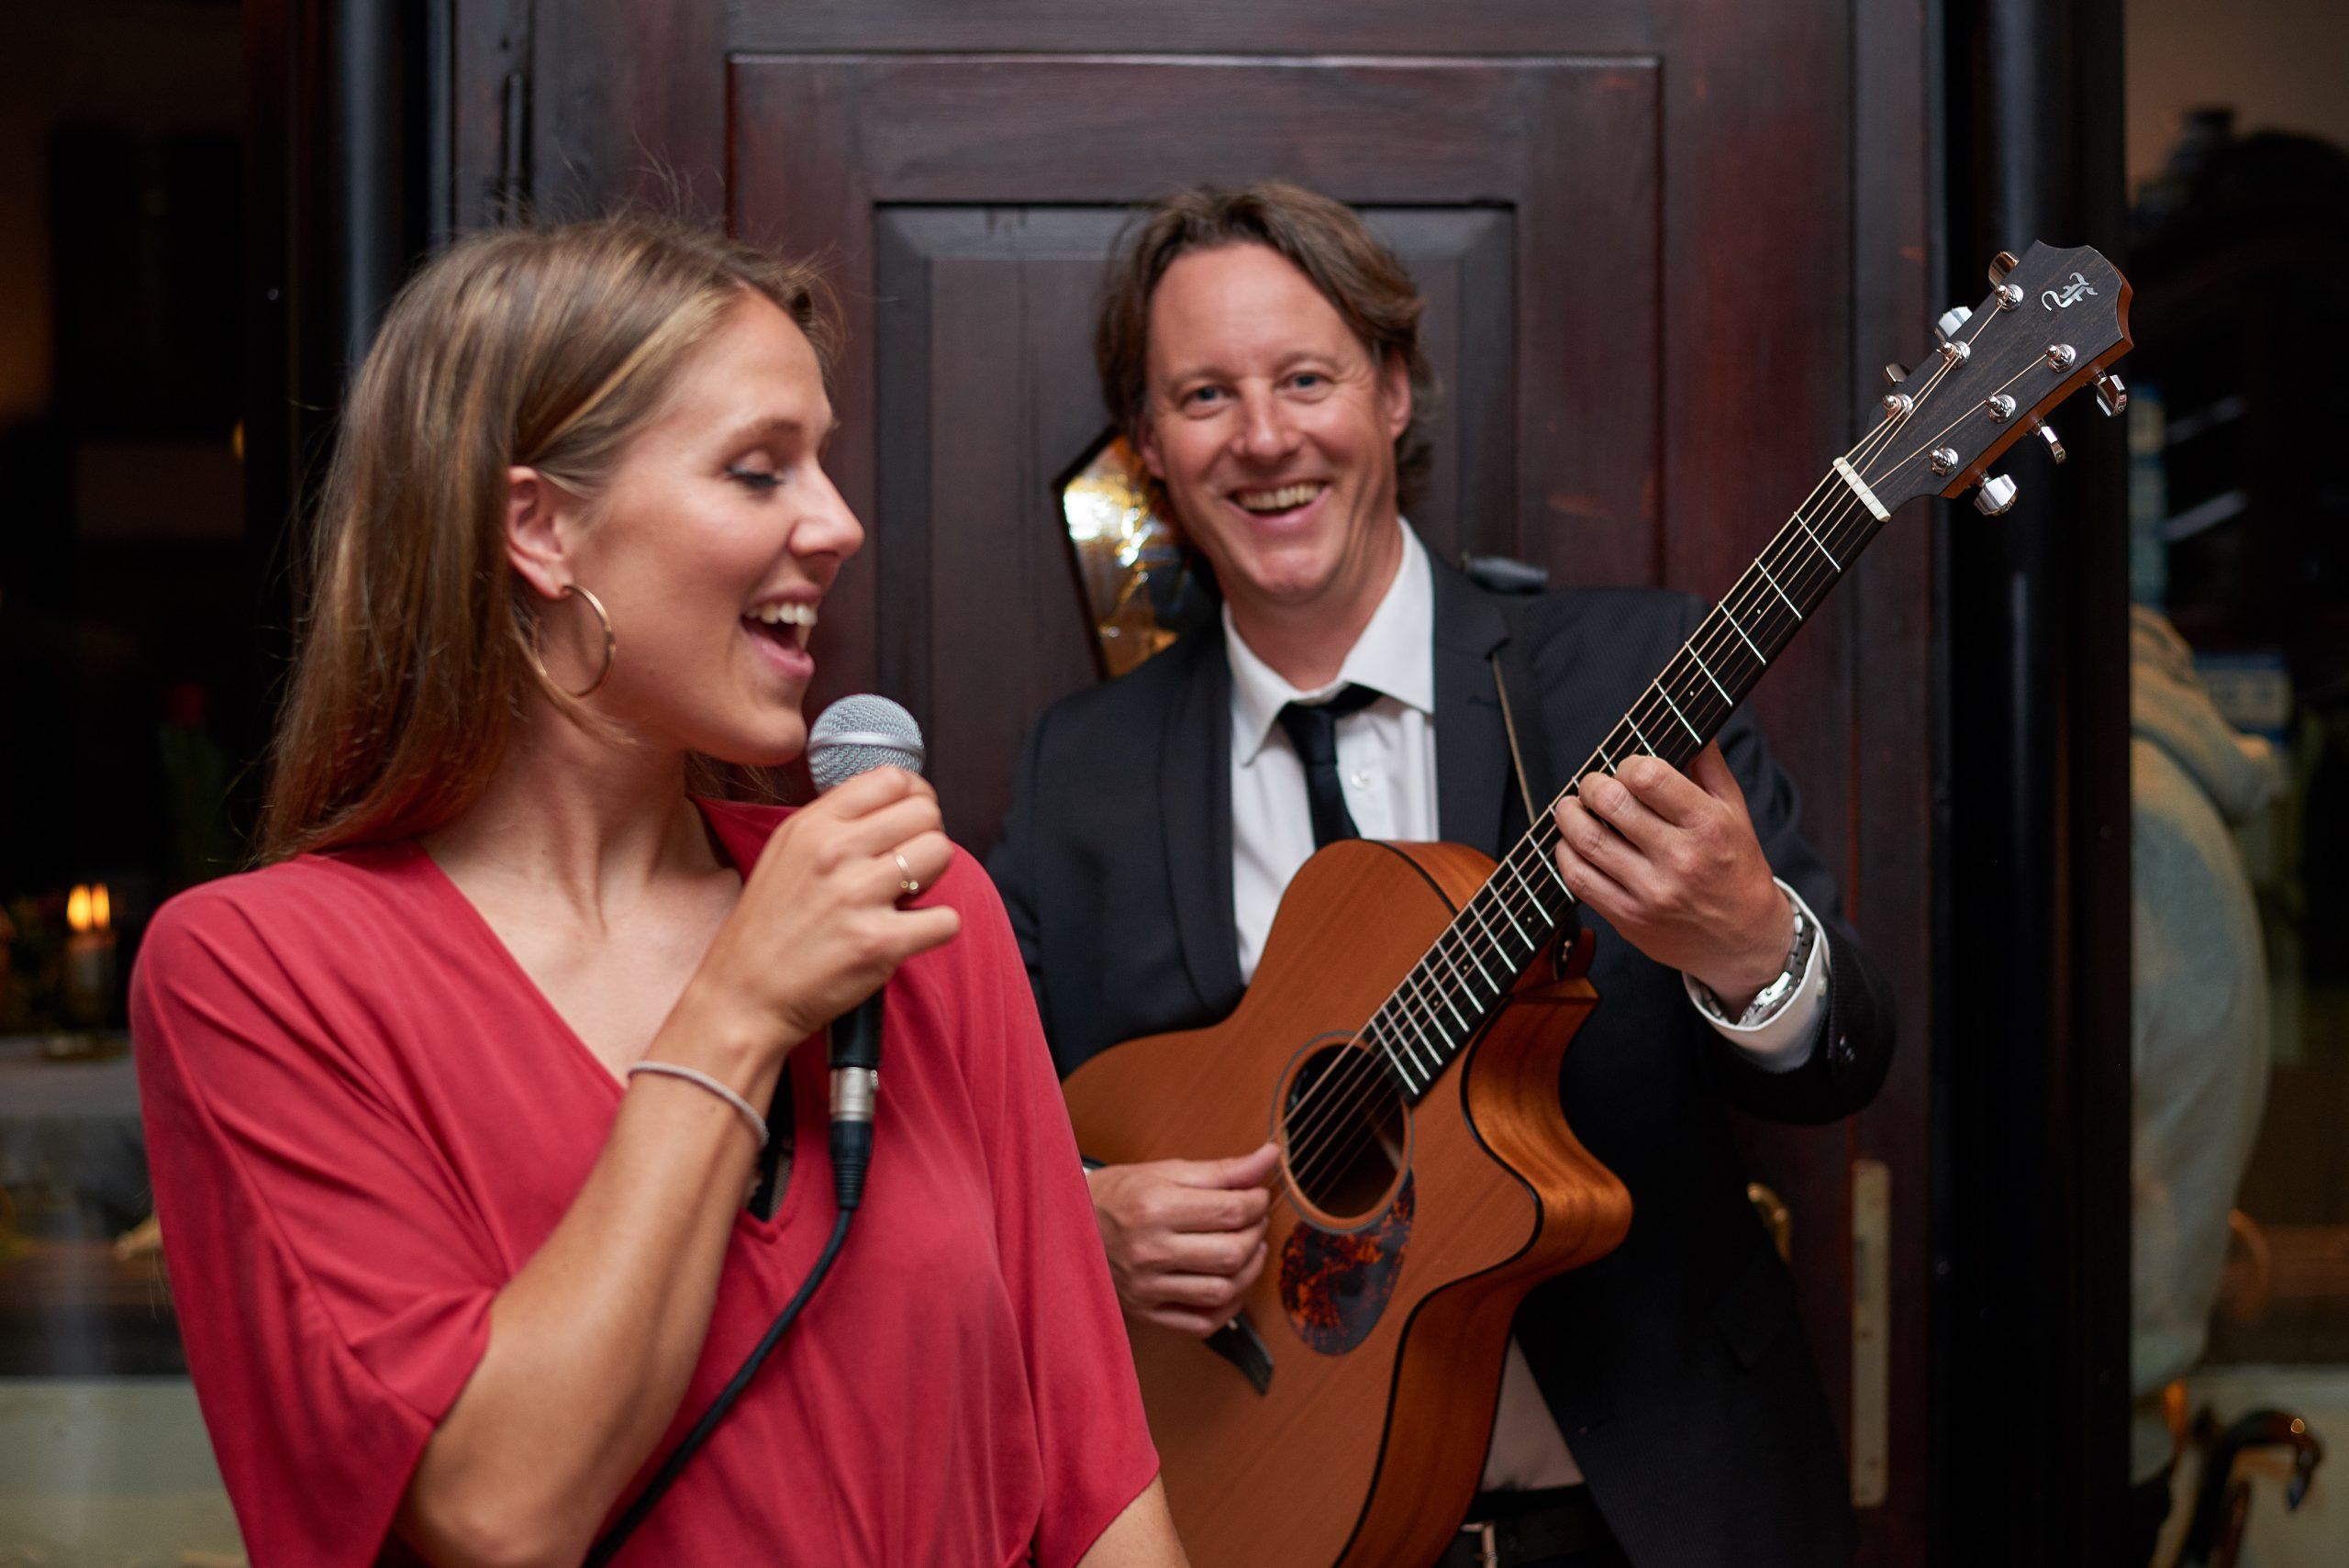 Jazzband zur Hochzeitsfeier